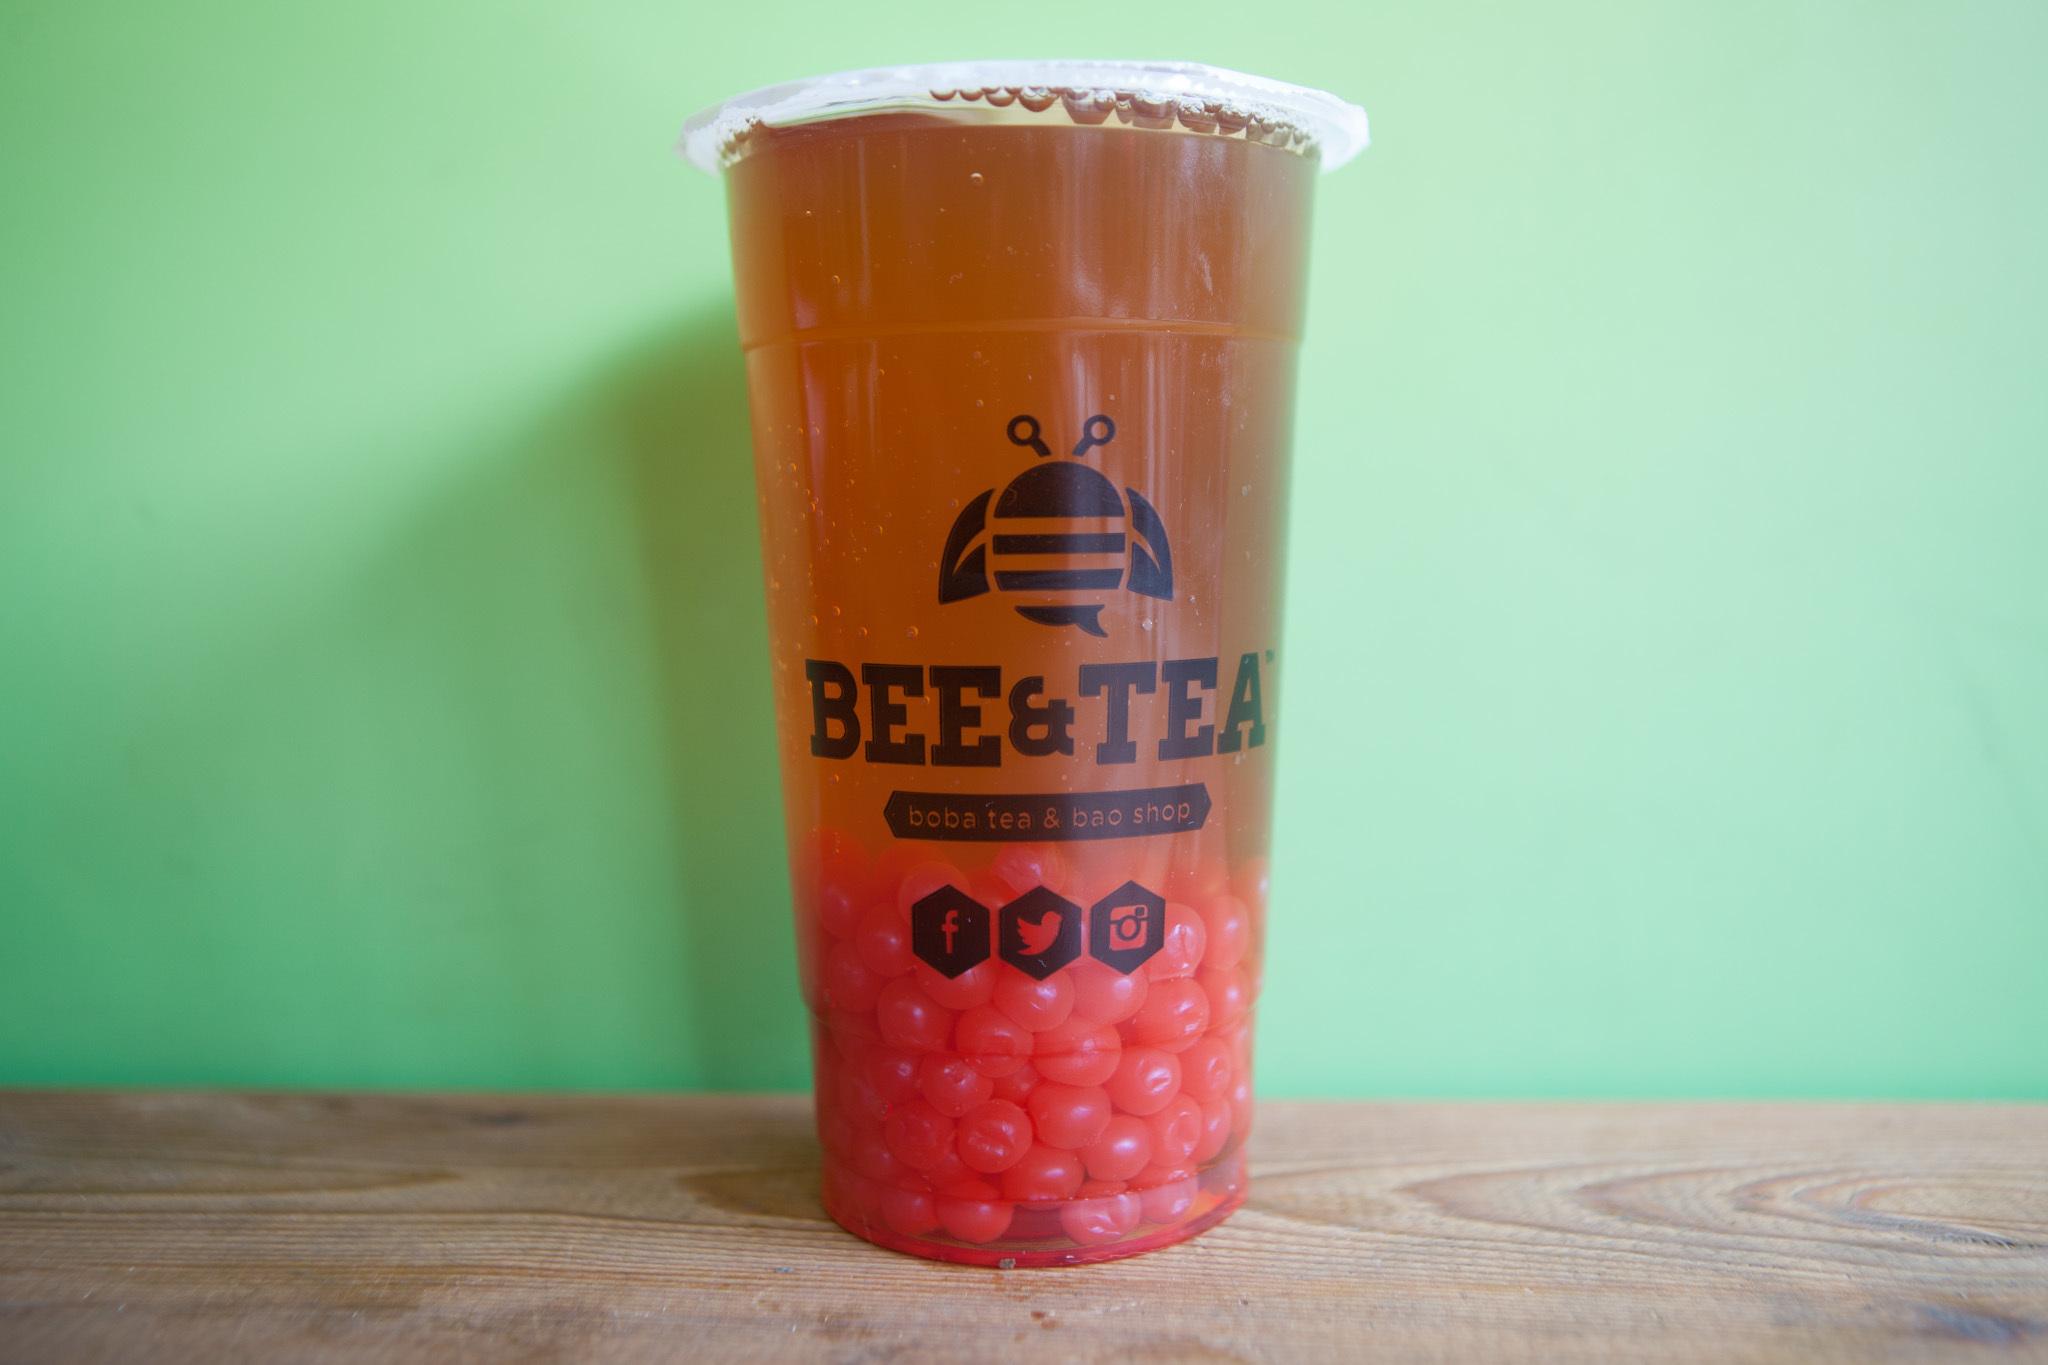 Bee & Tea